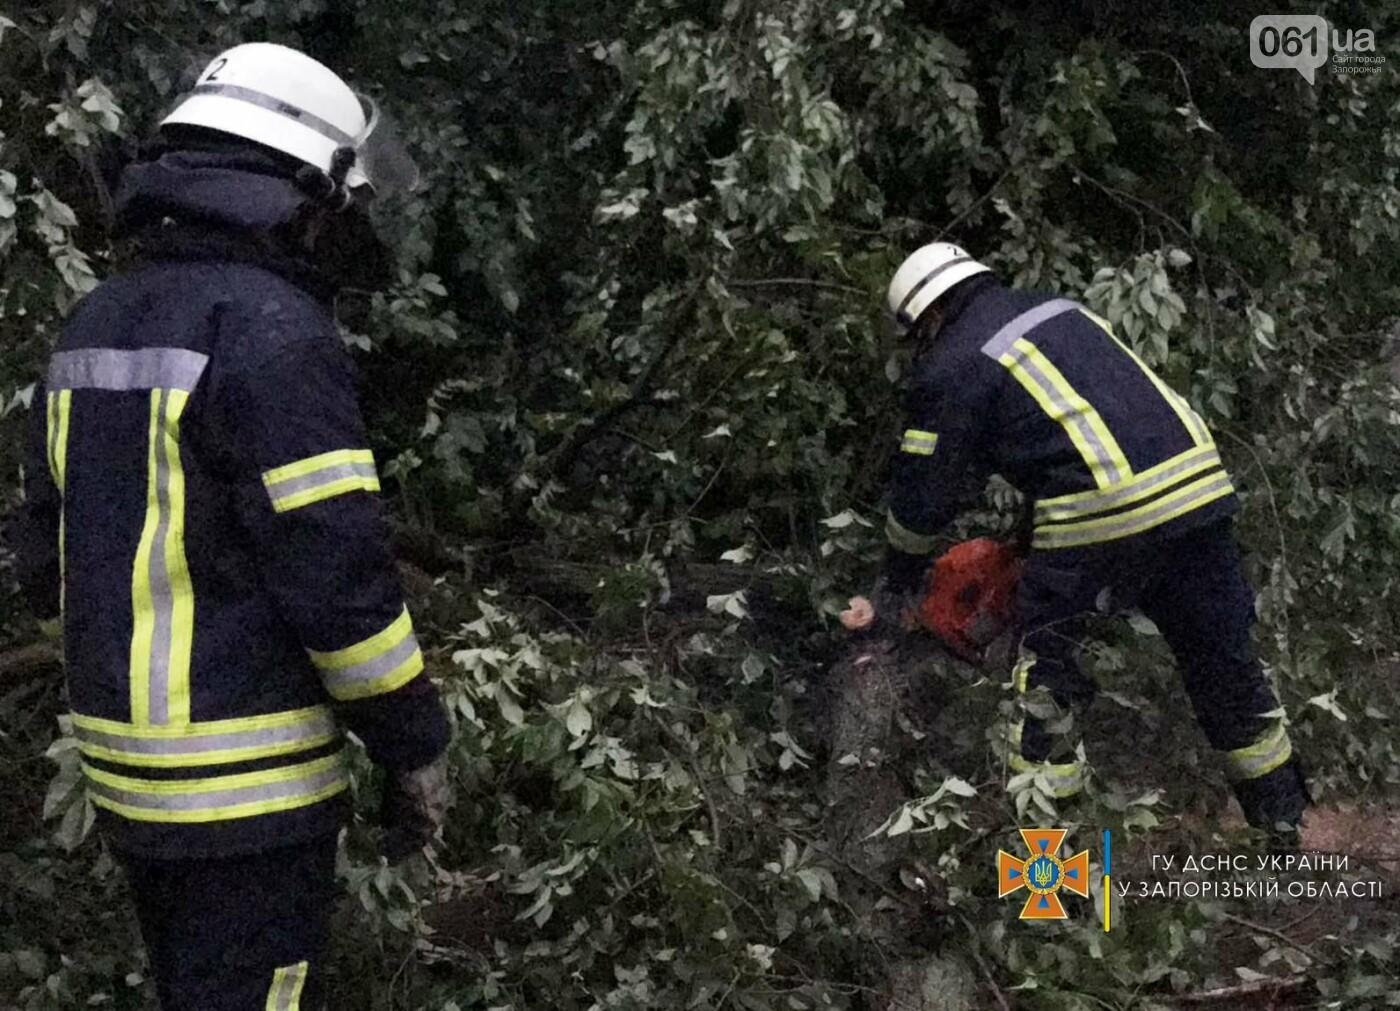 2073271292455712504463066493157963790864087nresult 60ed32500c238 - Непогода в Запорожской области: поваленные деревья и подтопленный дом